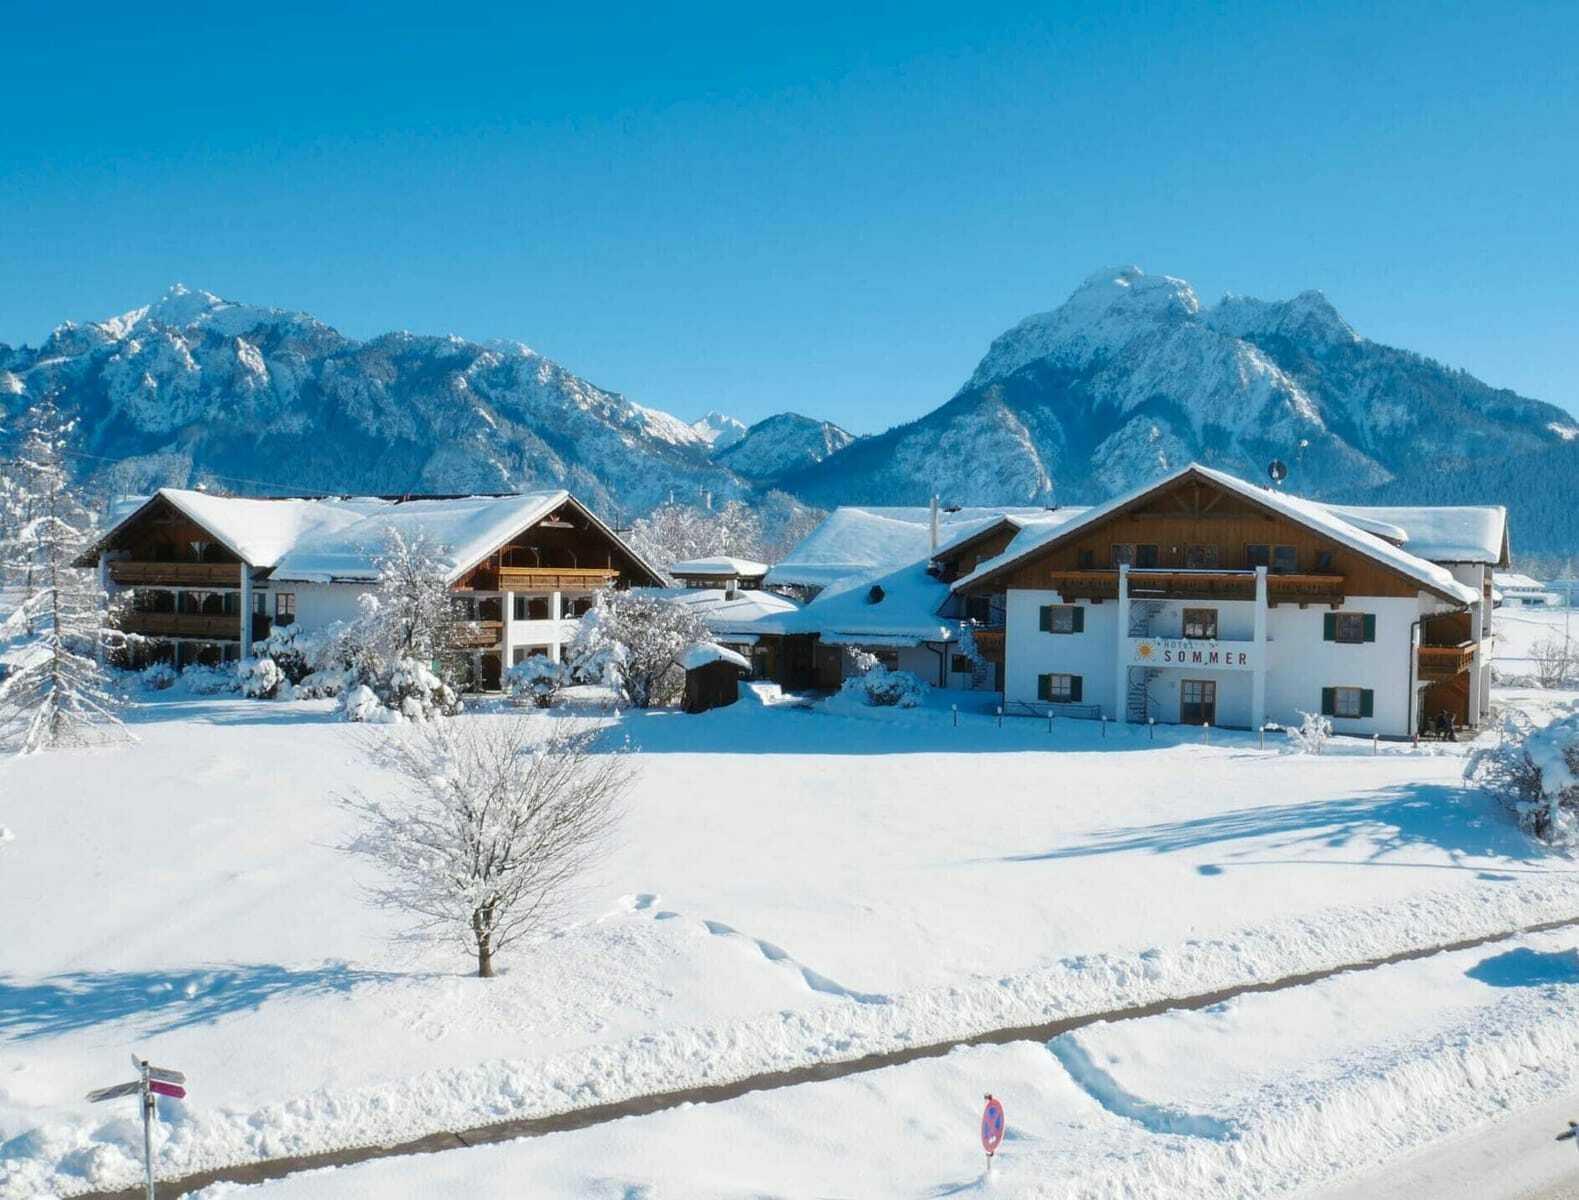 schneebedeckte Dächer des Hotel Sommer